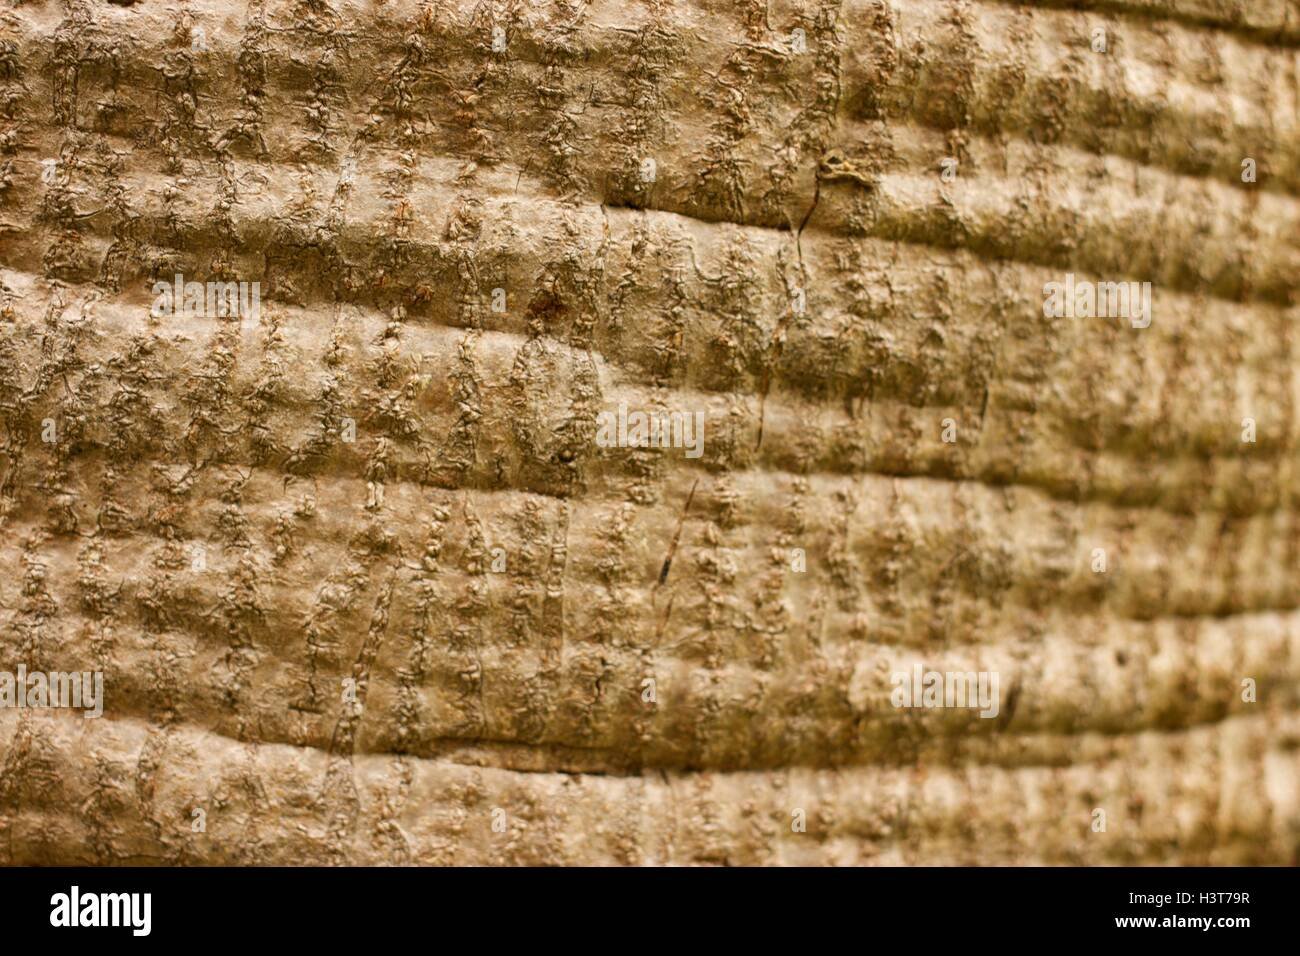 Teakbaum rinde  Detail einer Teakholz Baumstamm Textur Stockfoto, Bild: 122849155 ...